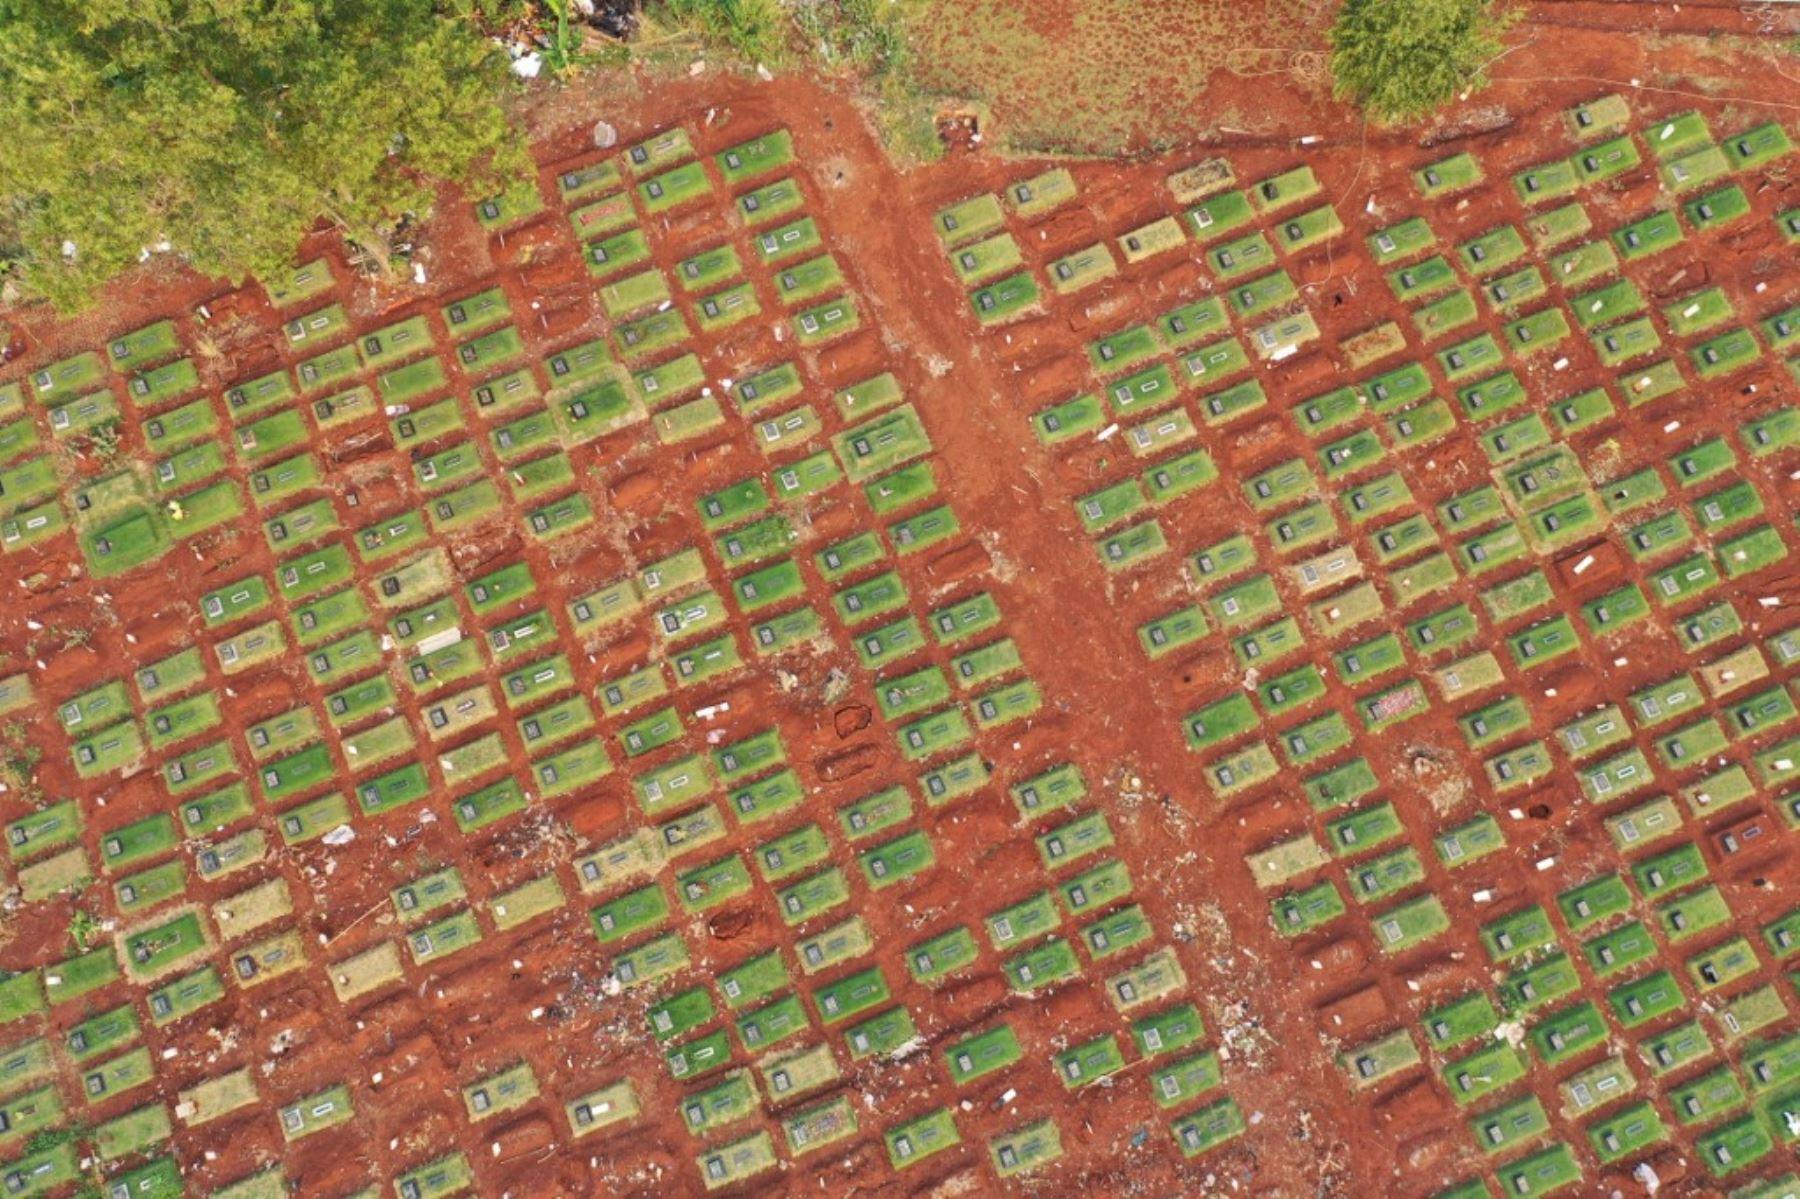 Foto tomada en Yakarta, muestra un cementerio de víctimas del coronavirus covid-19 en el cementerio de Pondok Ranggon en Yakarta capital de Indonesia.Foto:AFP